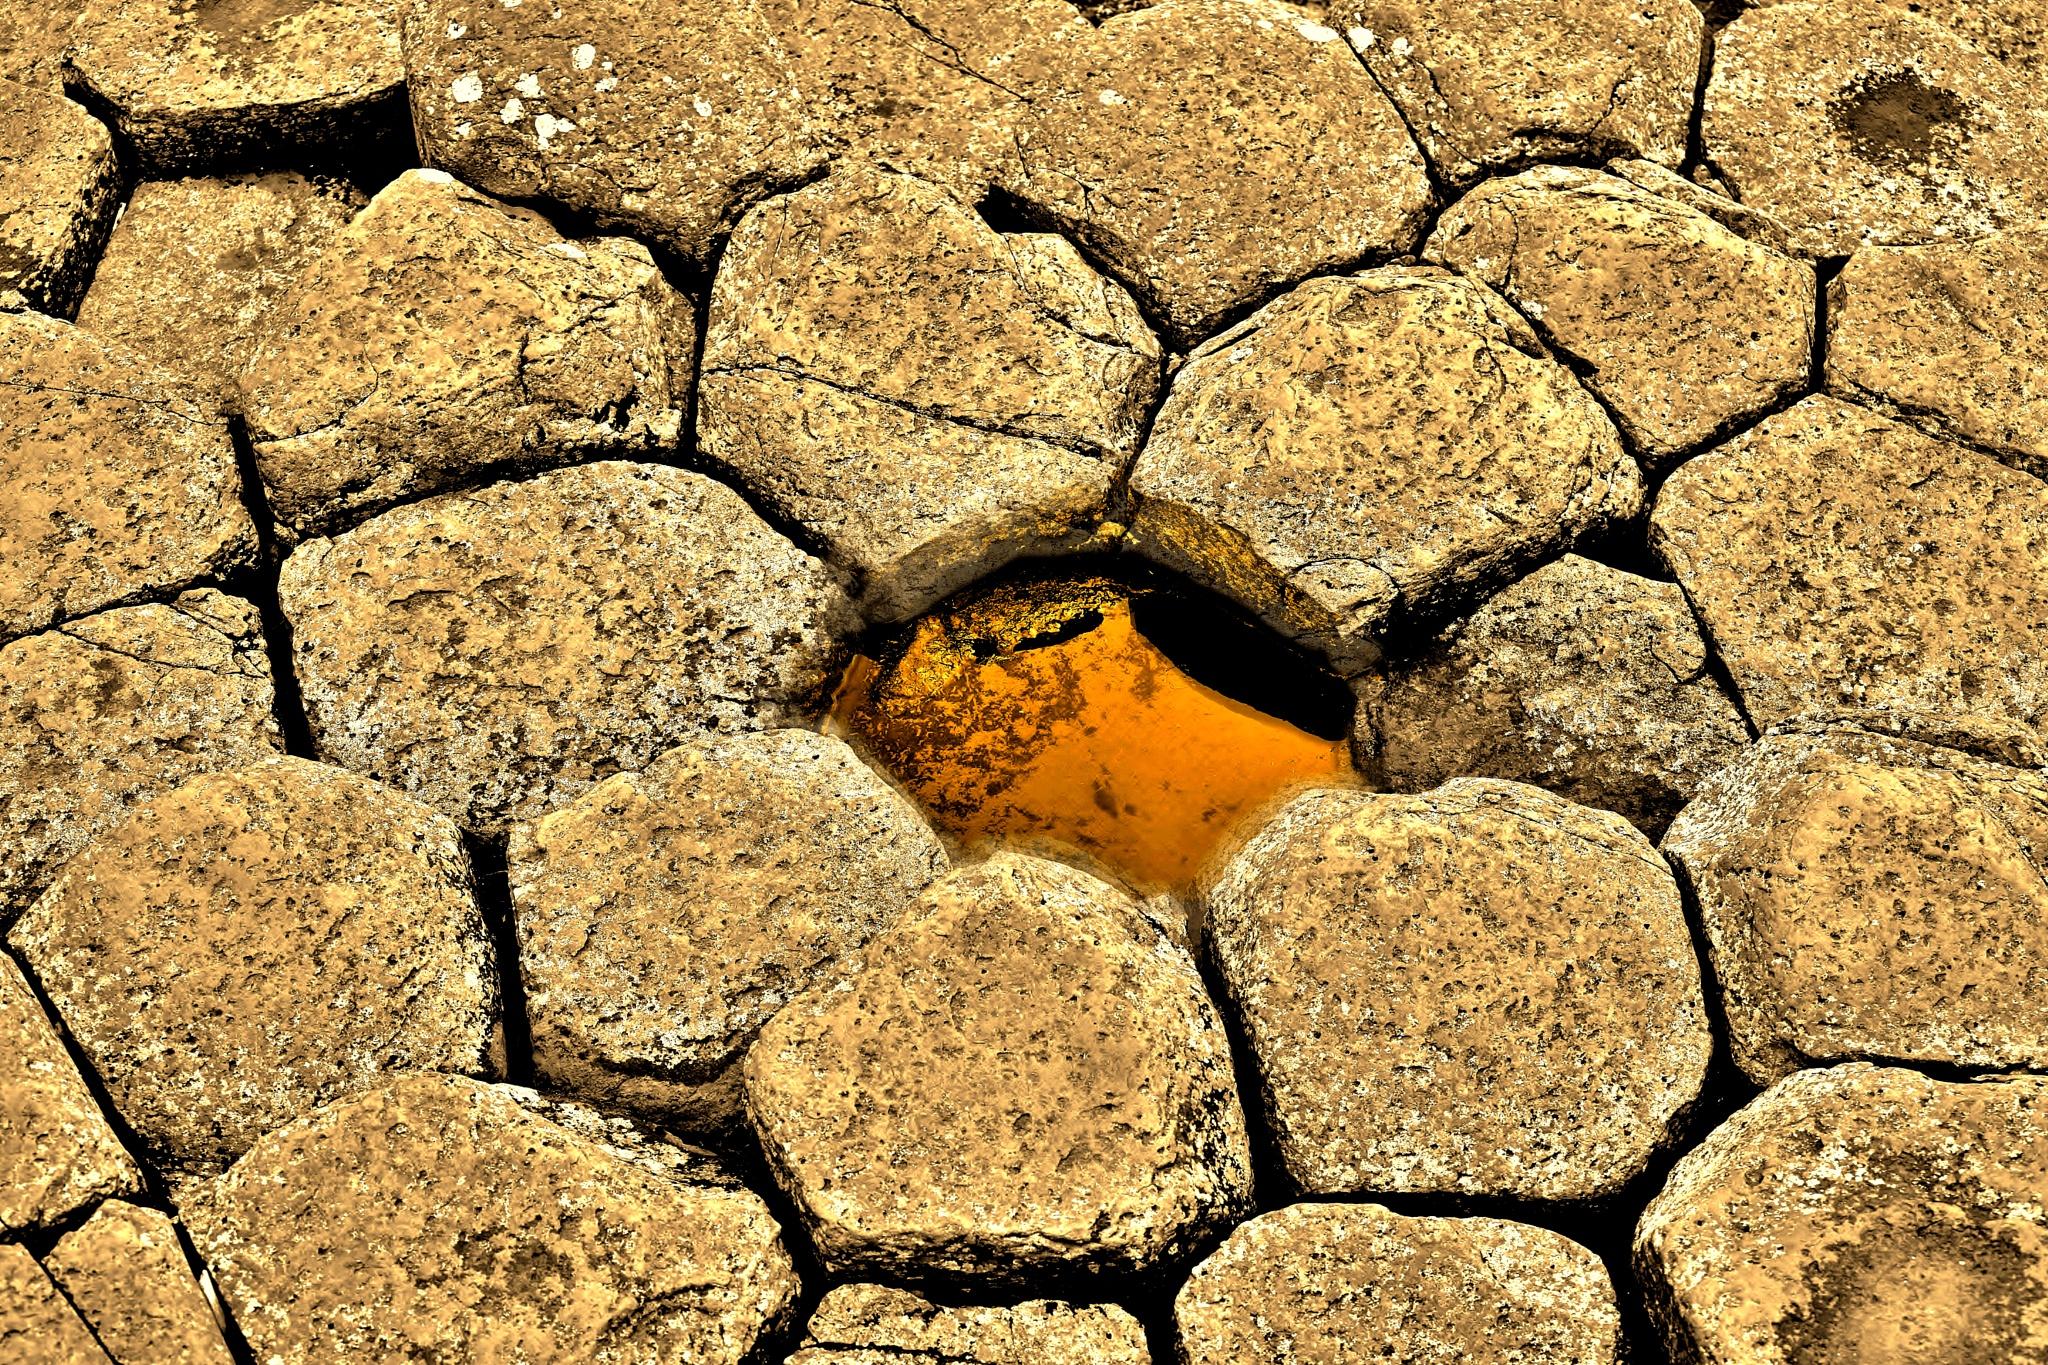 Rocks & Pool - Flower Like - Giants Causeway by paul.hosker